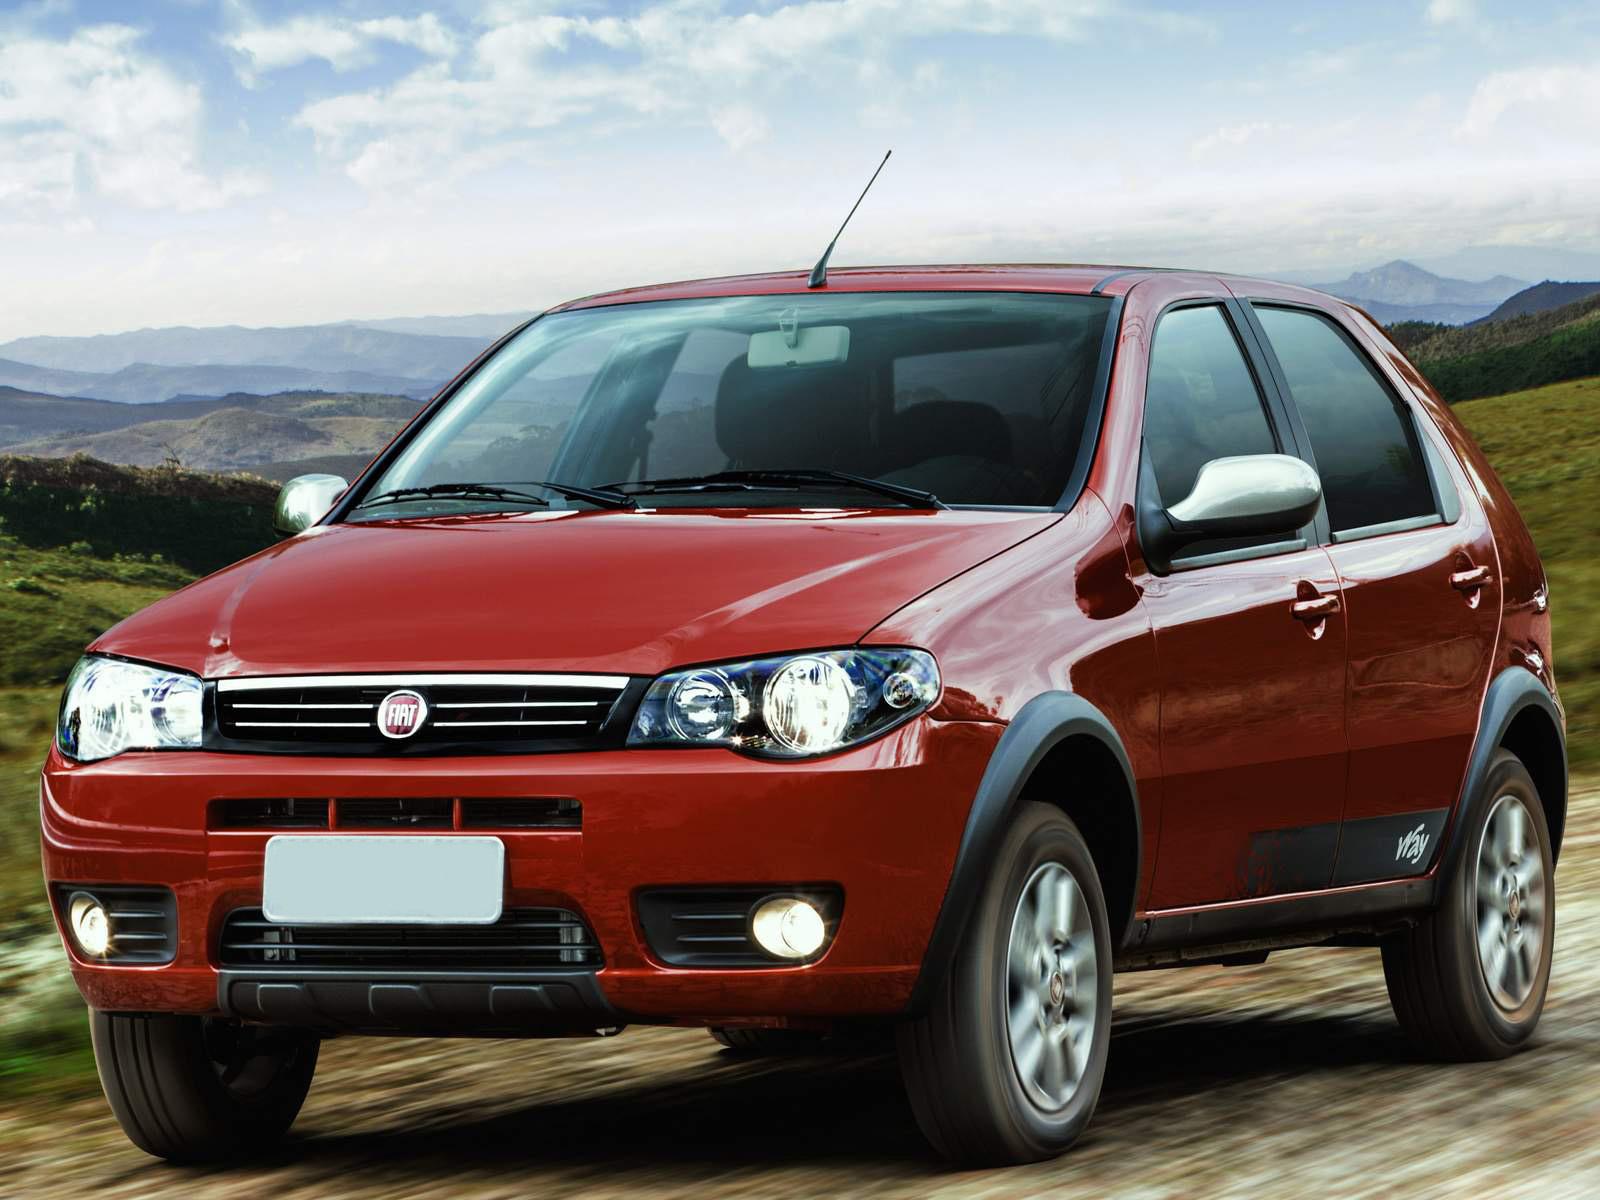 Novo-Fiat-Palio-2015 (4)